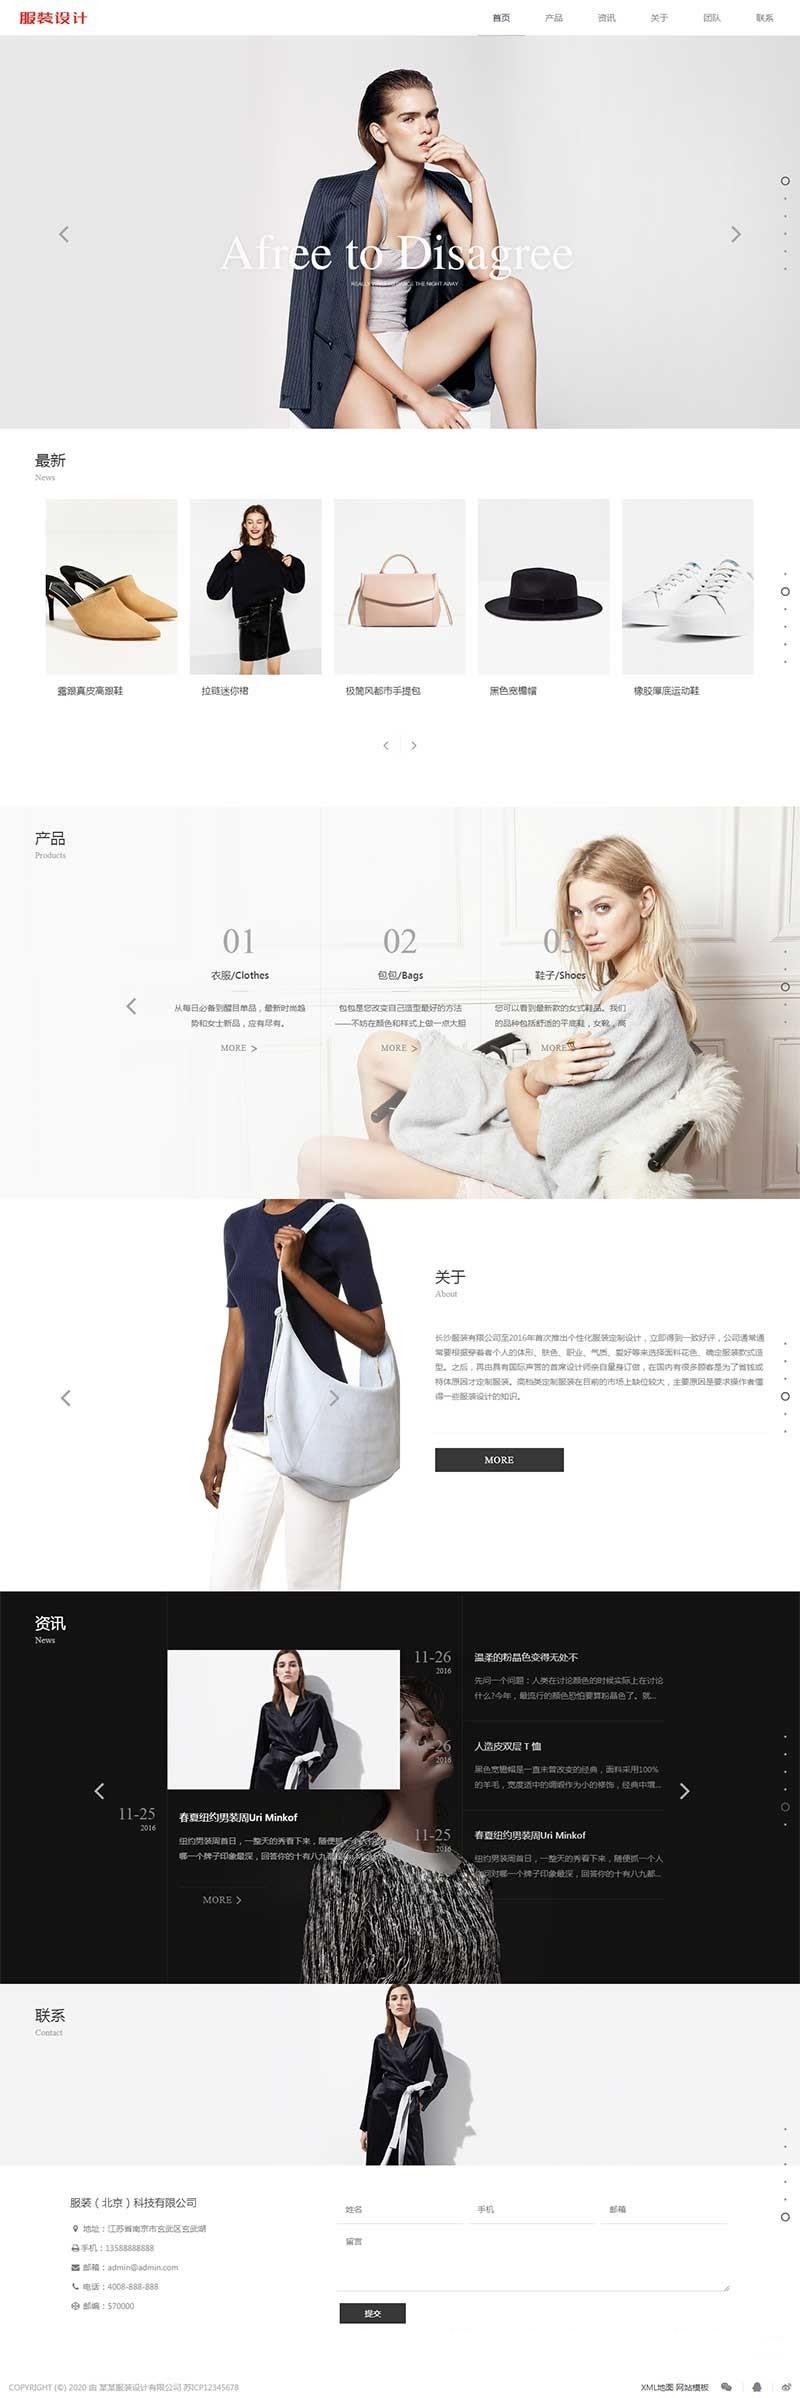 织梦dedecms模板 Hhml5翻屏品牌创意摄影服装服饰女装网站模板,PC+WAP端,利于SEO优化